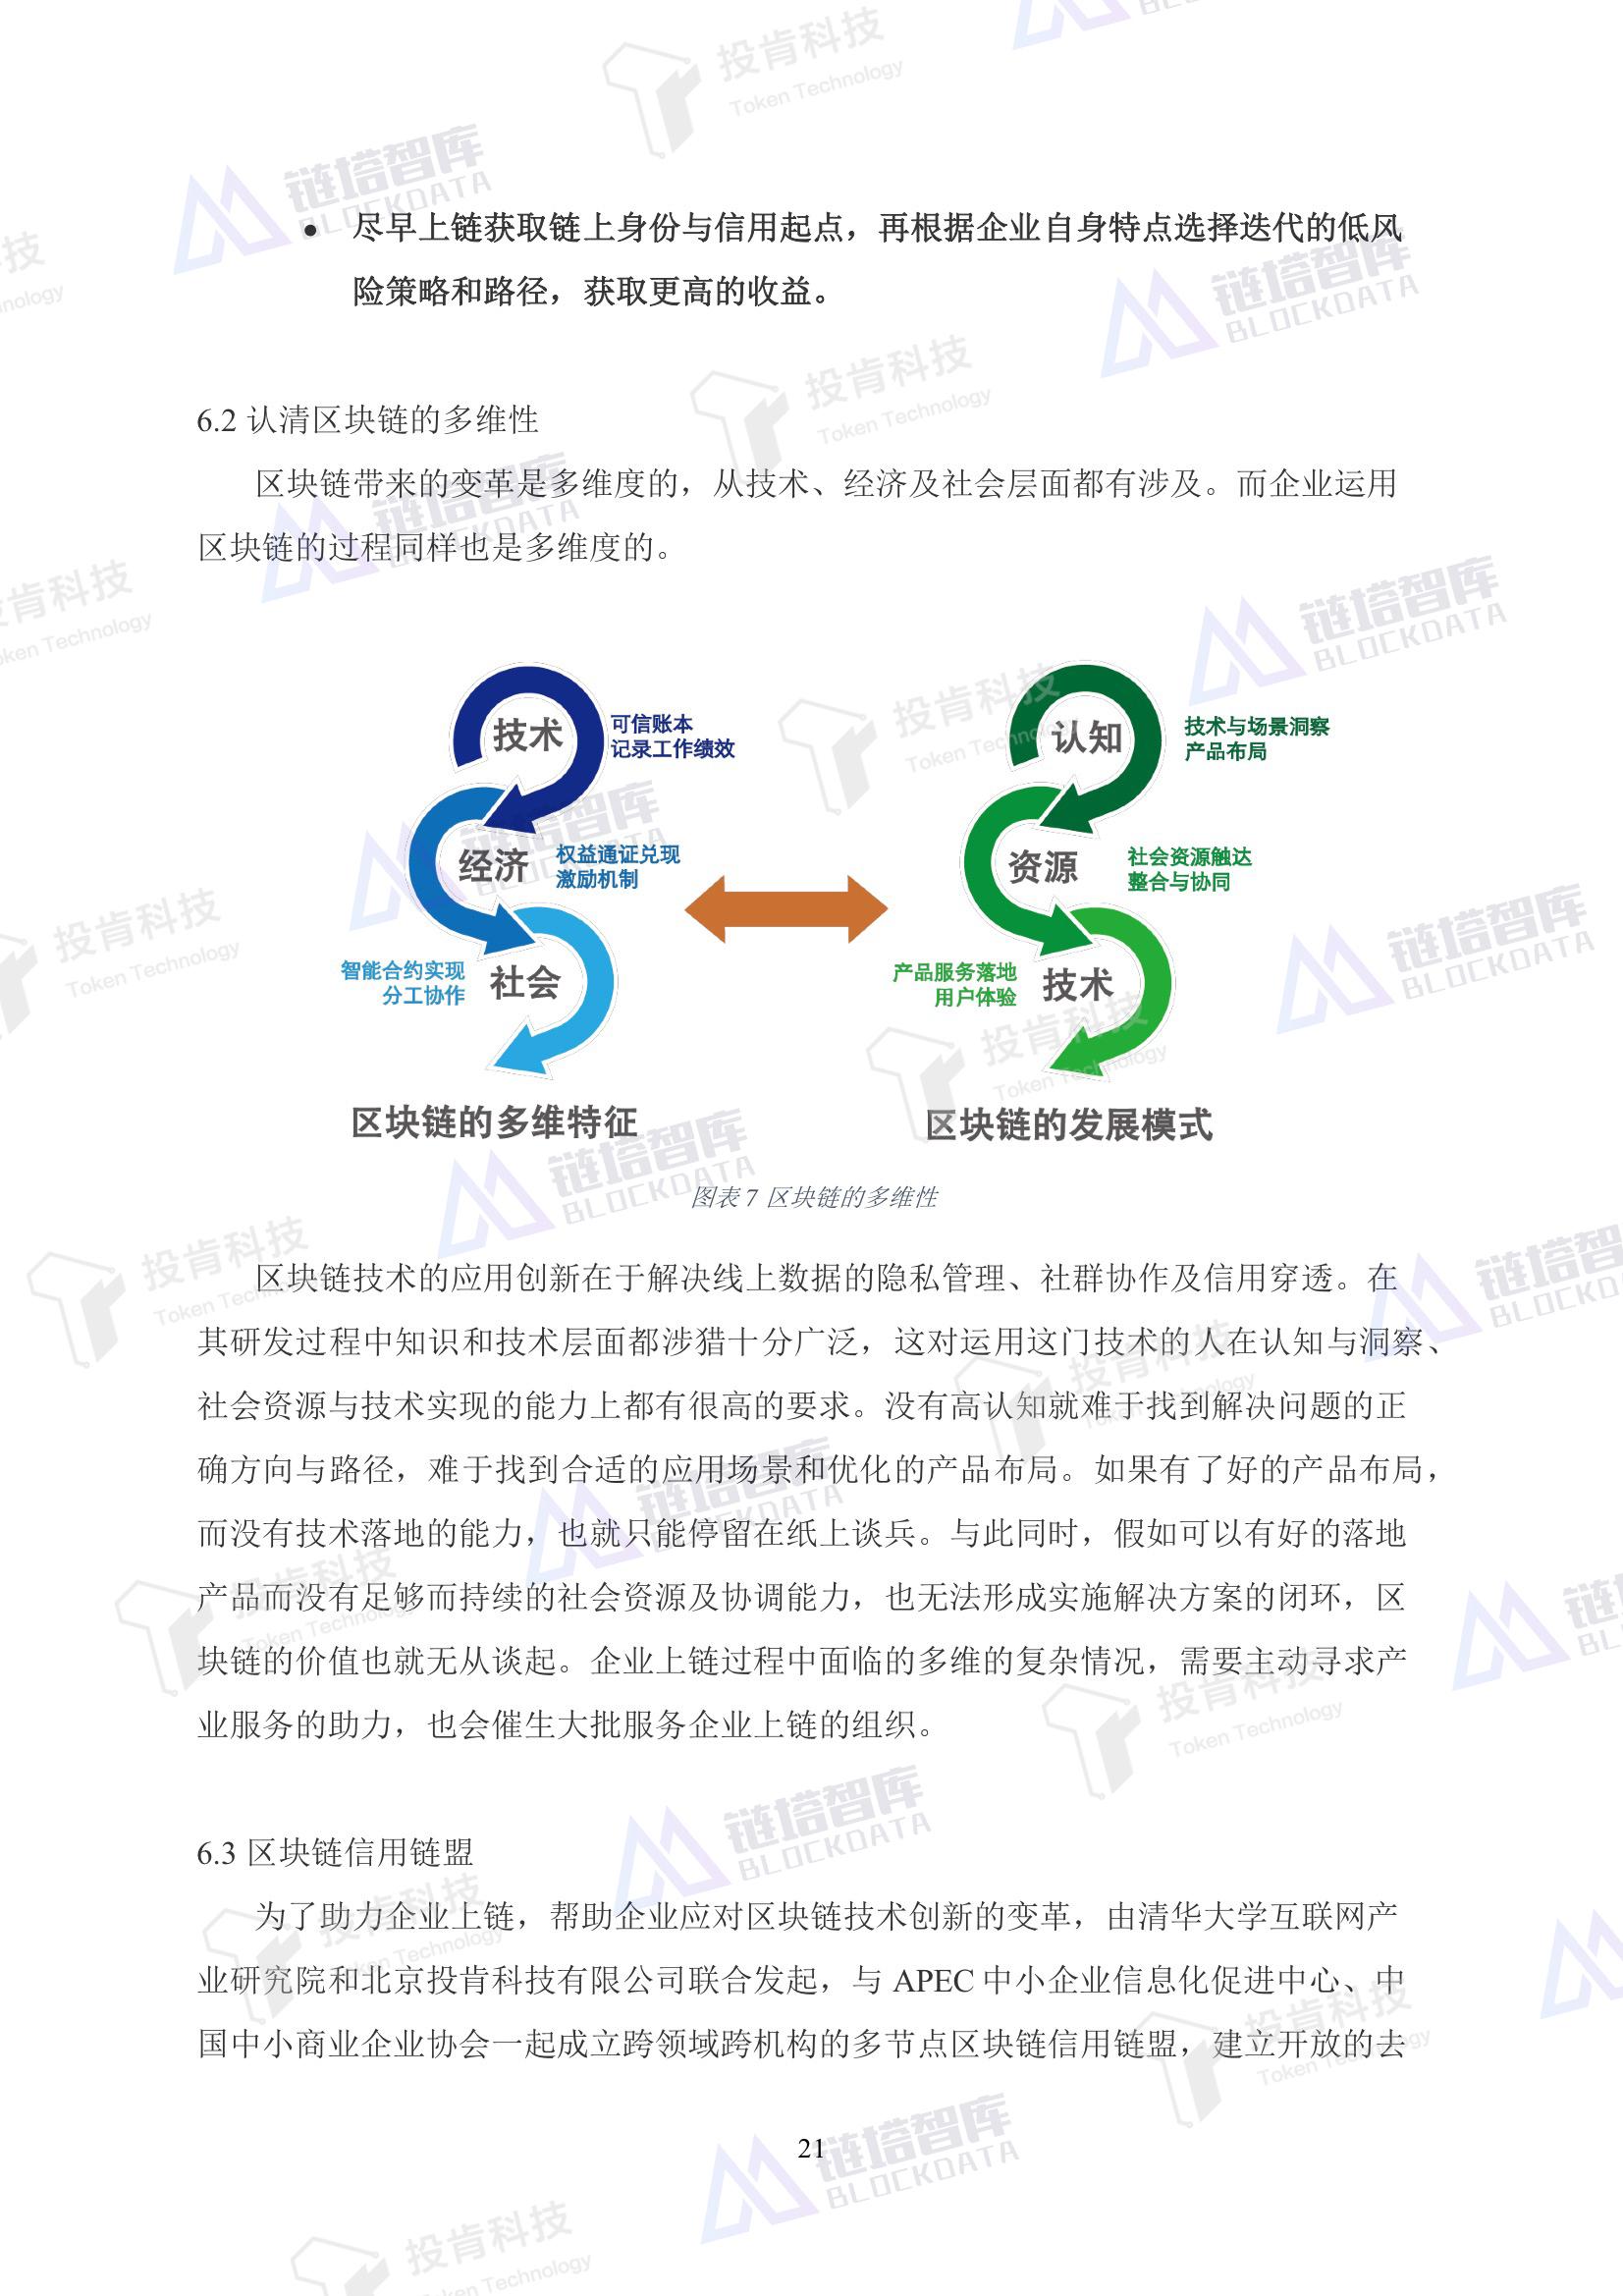 开启数字经济新大门——《企业上链》白皮书发布 | 链塔智库